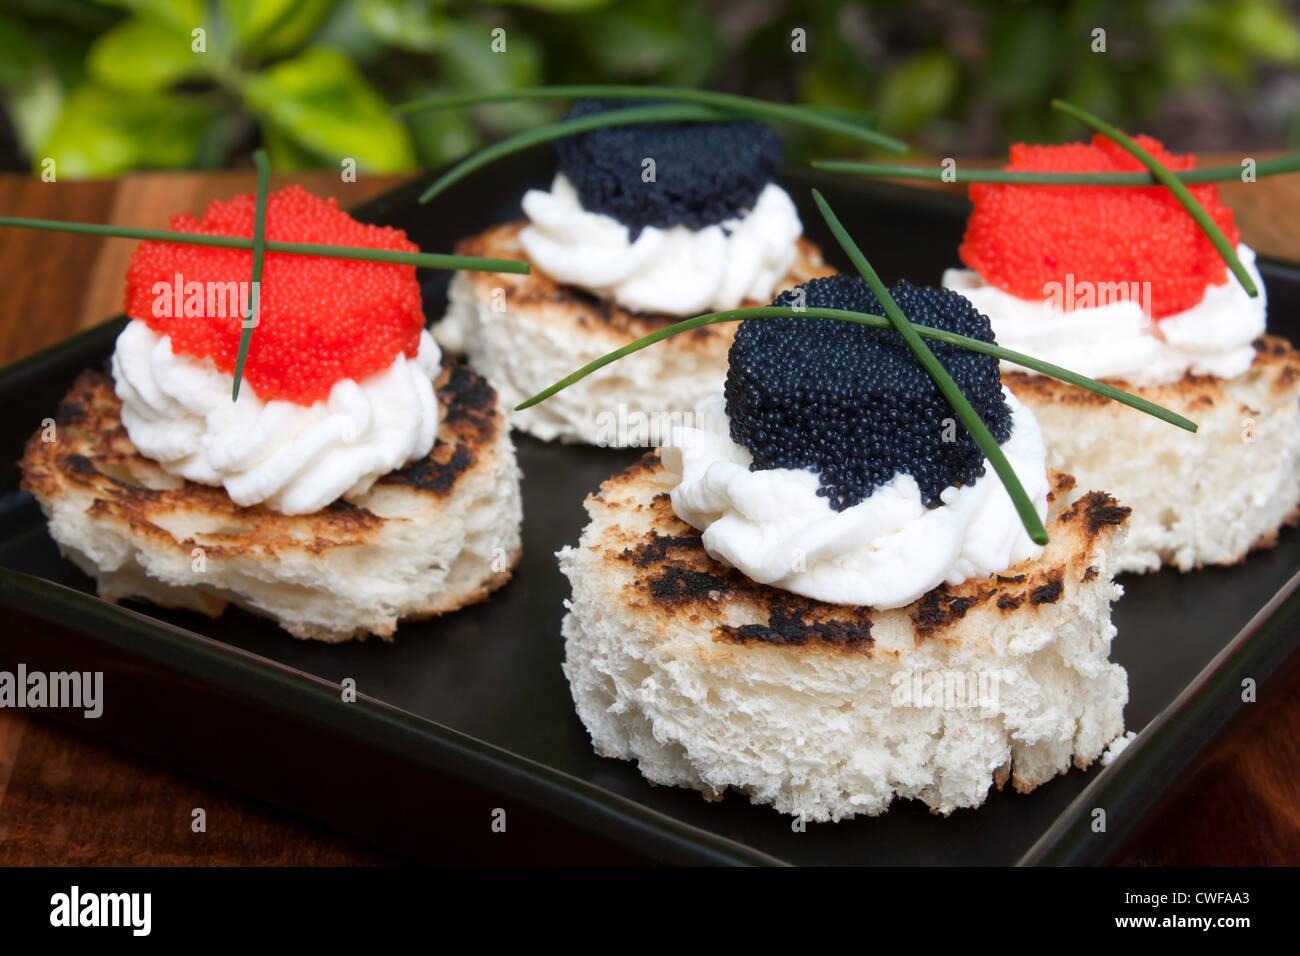 Roten und schwarzen Kaviar Kanapees dekoriert mit Schnittlauch. Stockbild